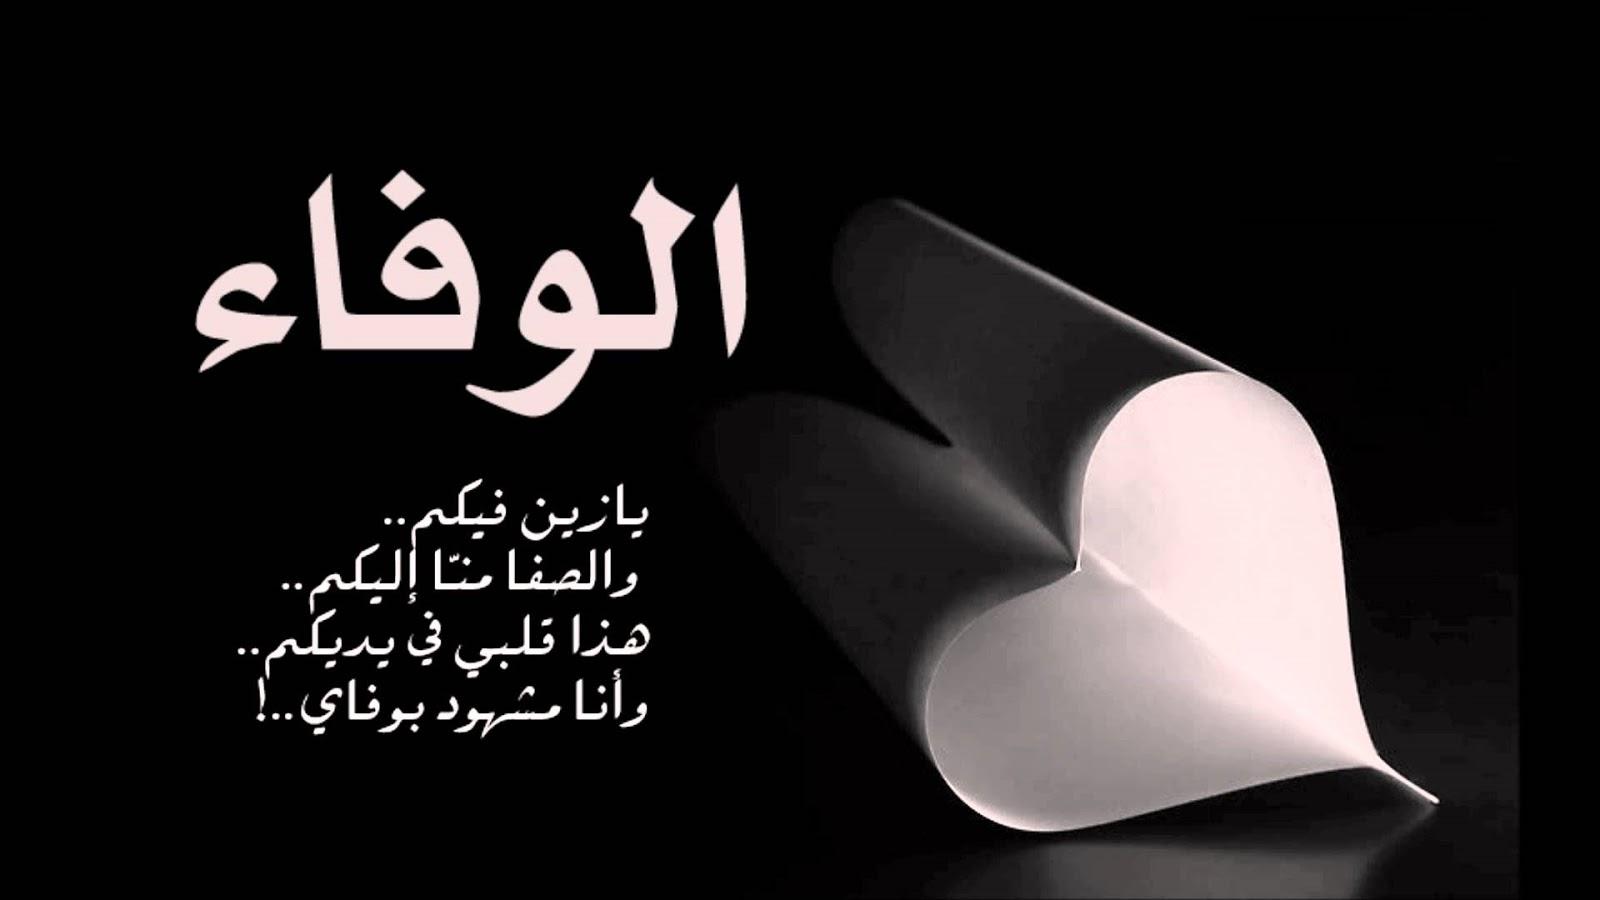 بالصور صورعتاب بين الحبيبين , صور عتاب والم حزينه 2111 10